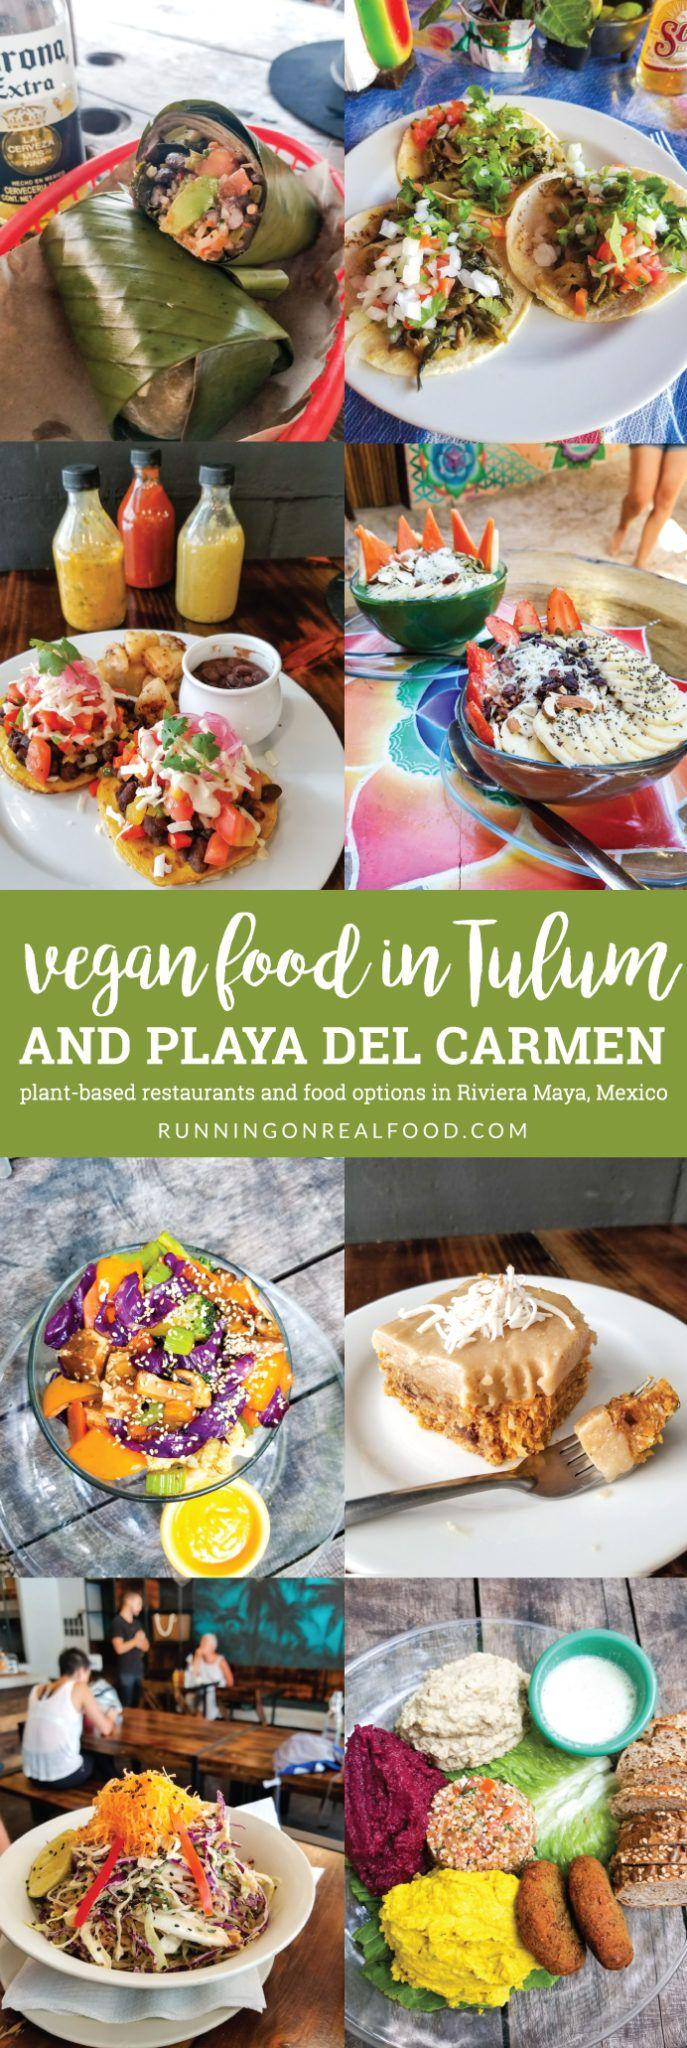 25 best VEGAN TRAVEL images on Pinterest   Vegans, Running and Vegan ...